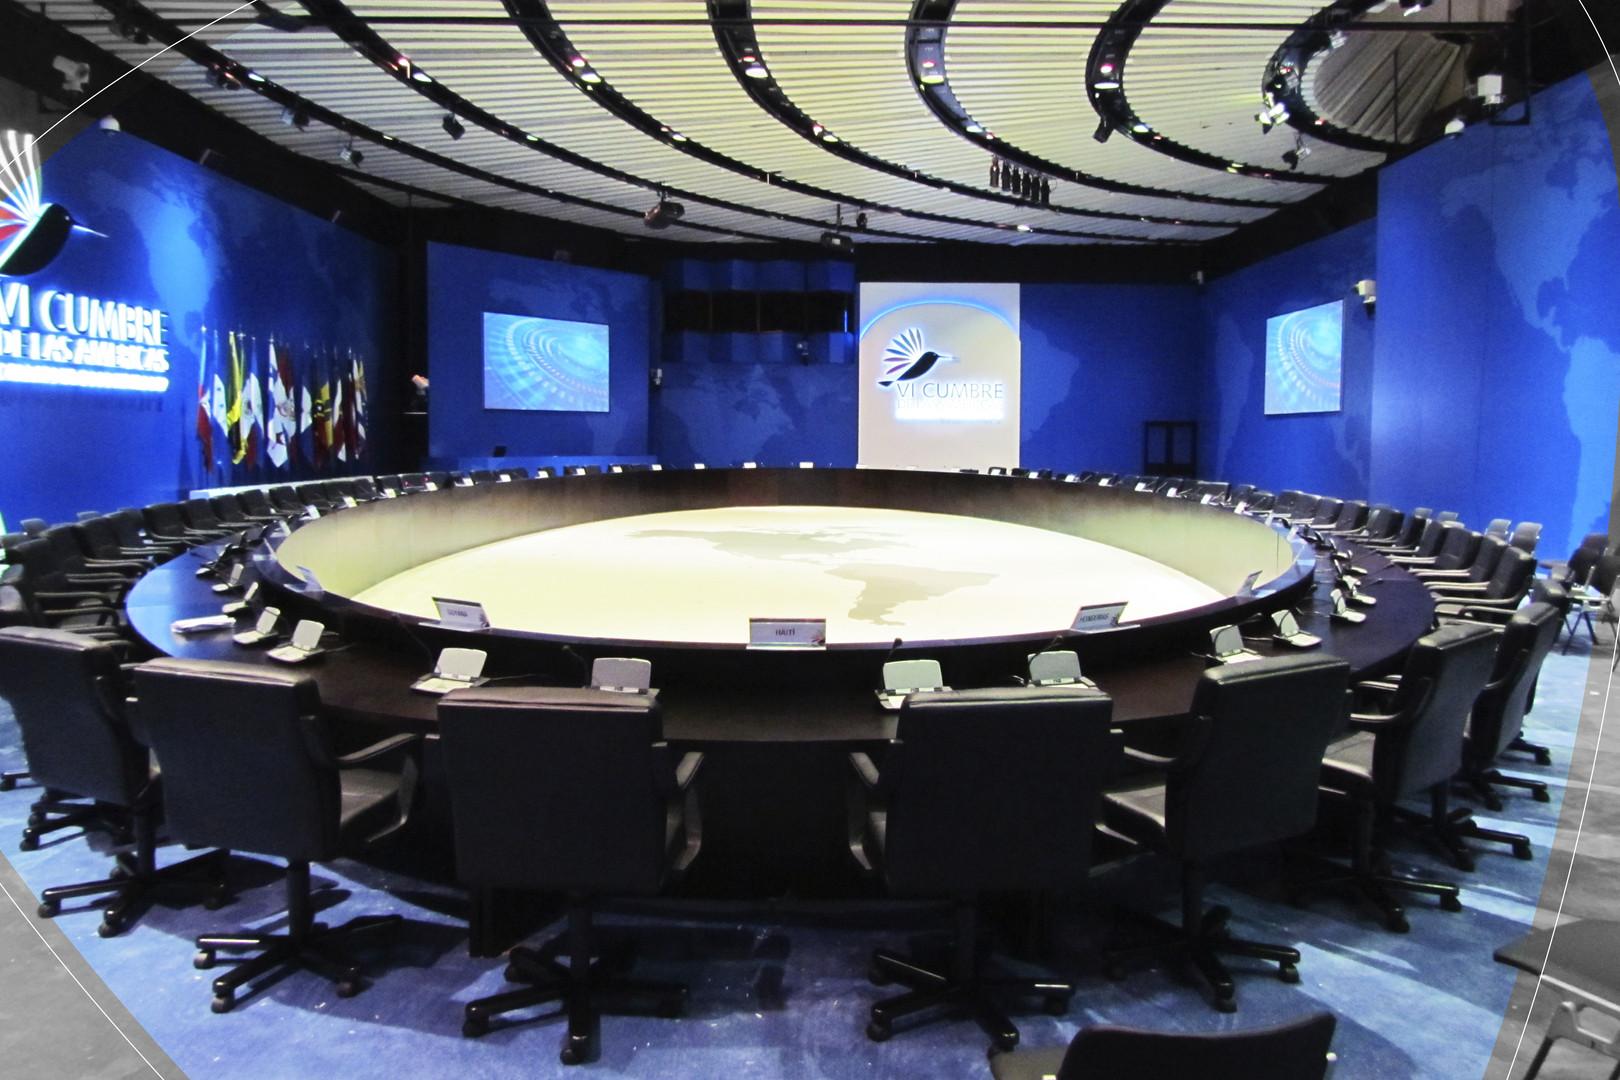 Cumbre de Las Americas IMG_4407.JPG